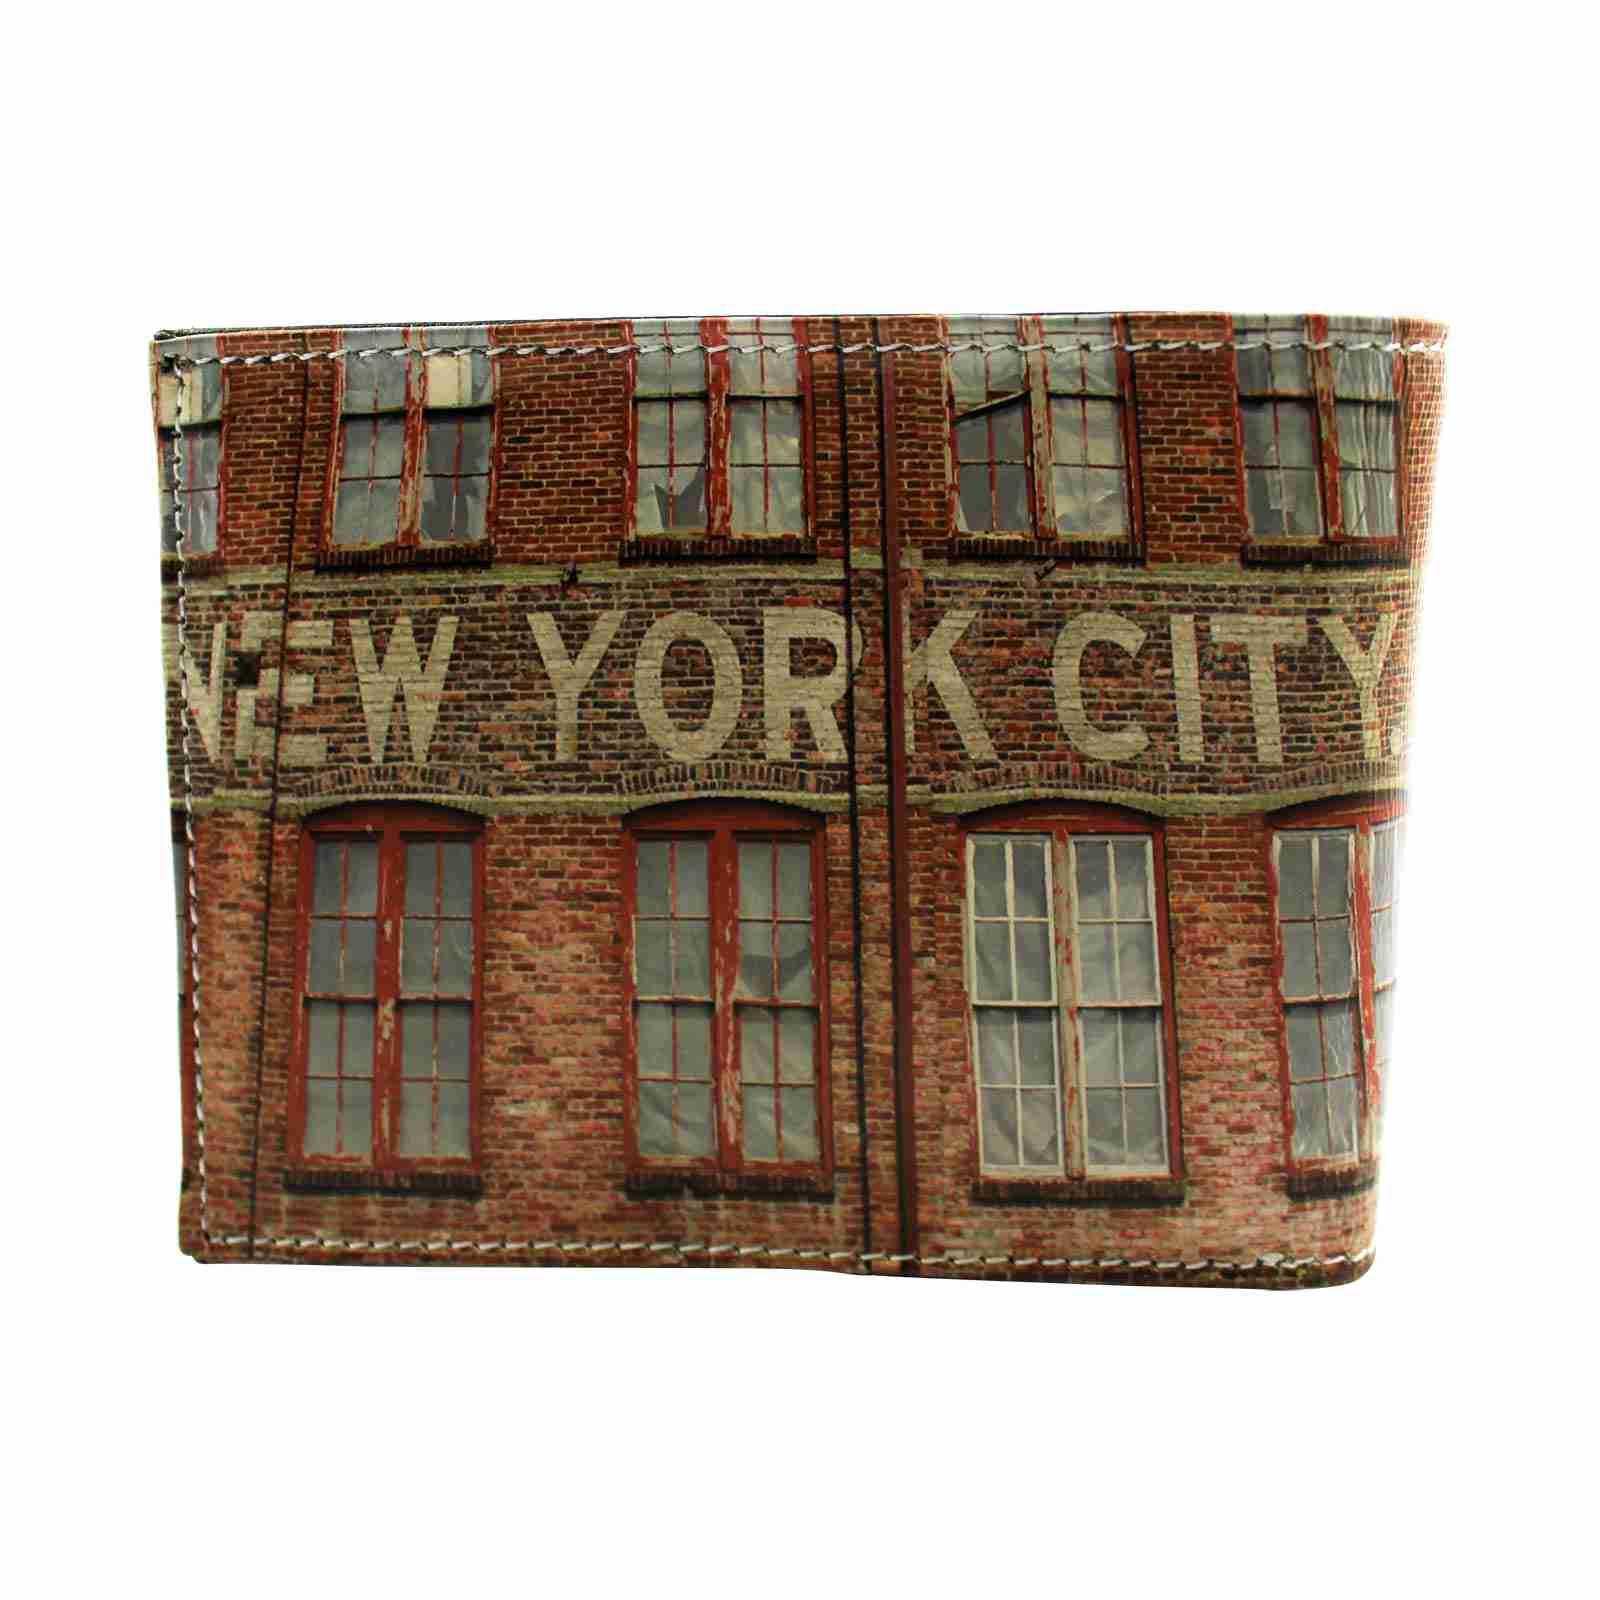 New York Soft Leather Pop Wallet by Studio Manhattan